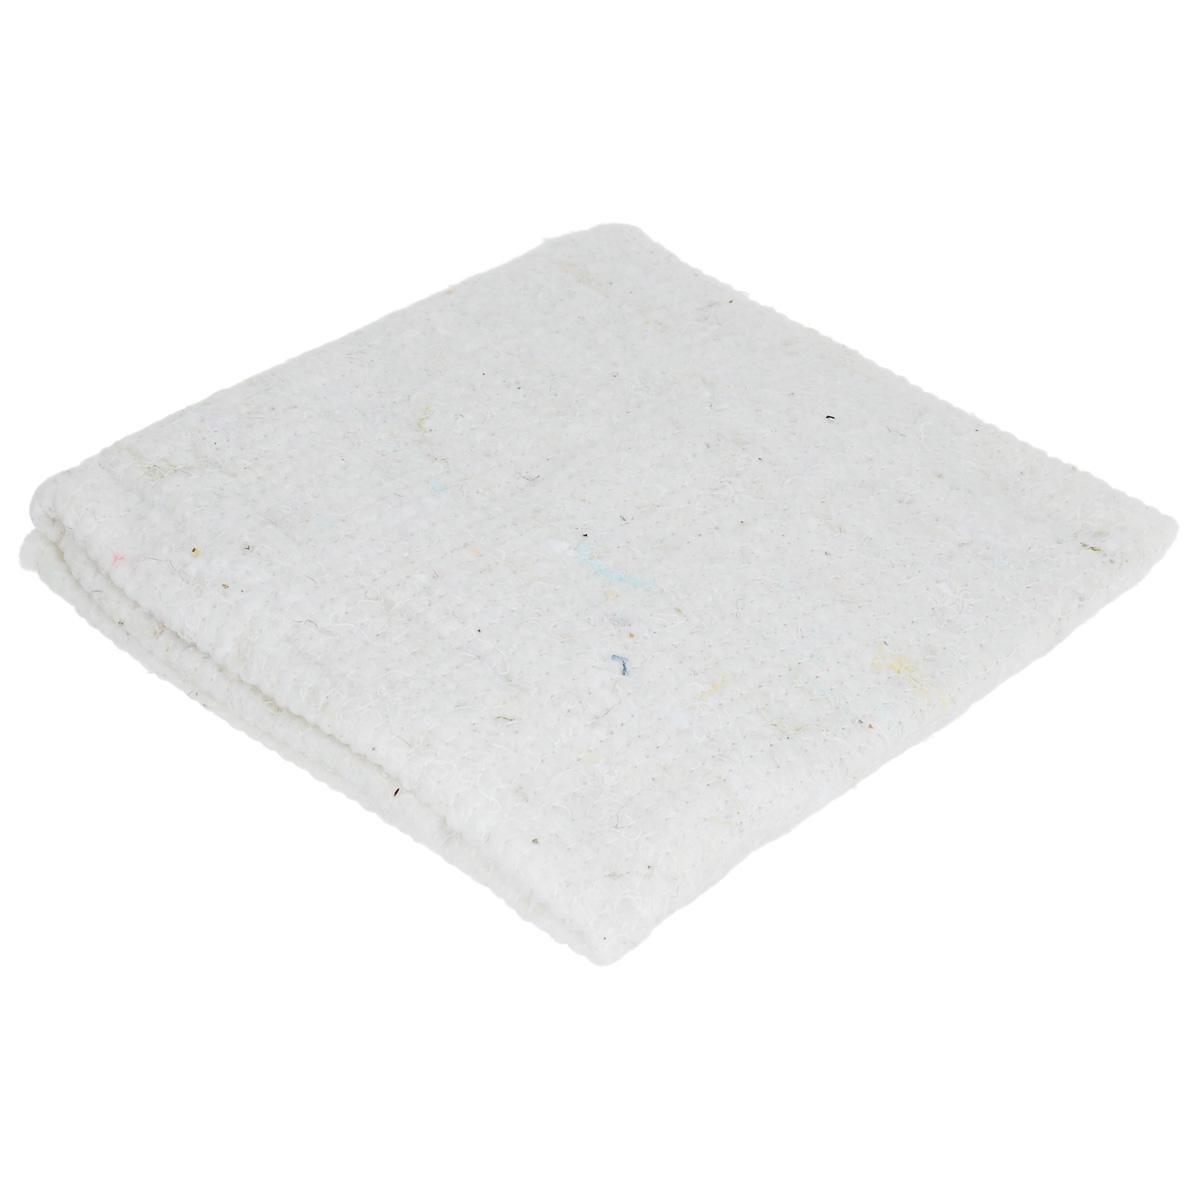 Тряпка для пола Home Queen, 50 х 60 см51716Тряпка для пола Home Queen выполнена из хлопка и полиэстера и предназначена для мытья напольных покрытий из любых материалов. Эффективно очищает любую поверхность, отлично отжимается и имеет долгий срок службы. Тряпка хорошо впитывает влагу и не оставляет разводов. Размер тряпки: 50 см х 60 см. Материал: 80% хлопок, 20% полиэстер.